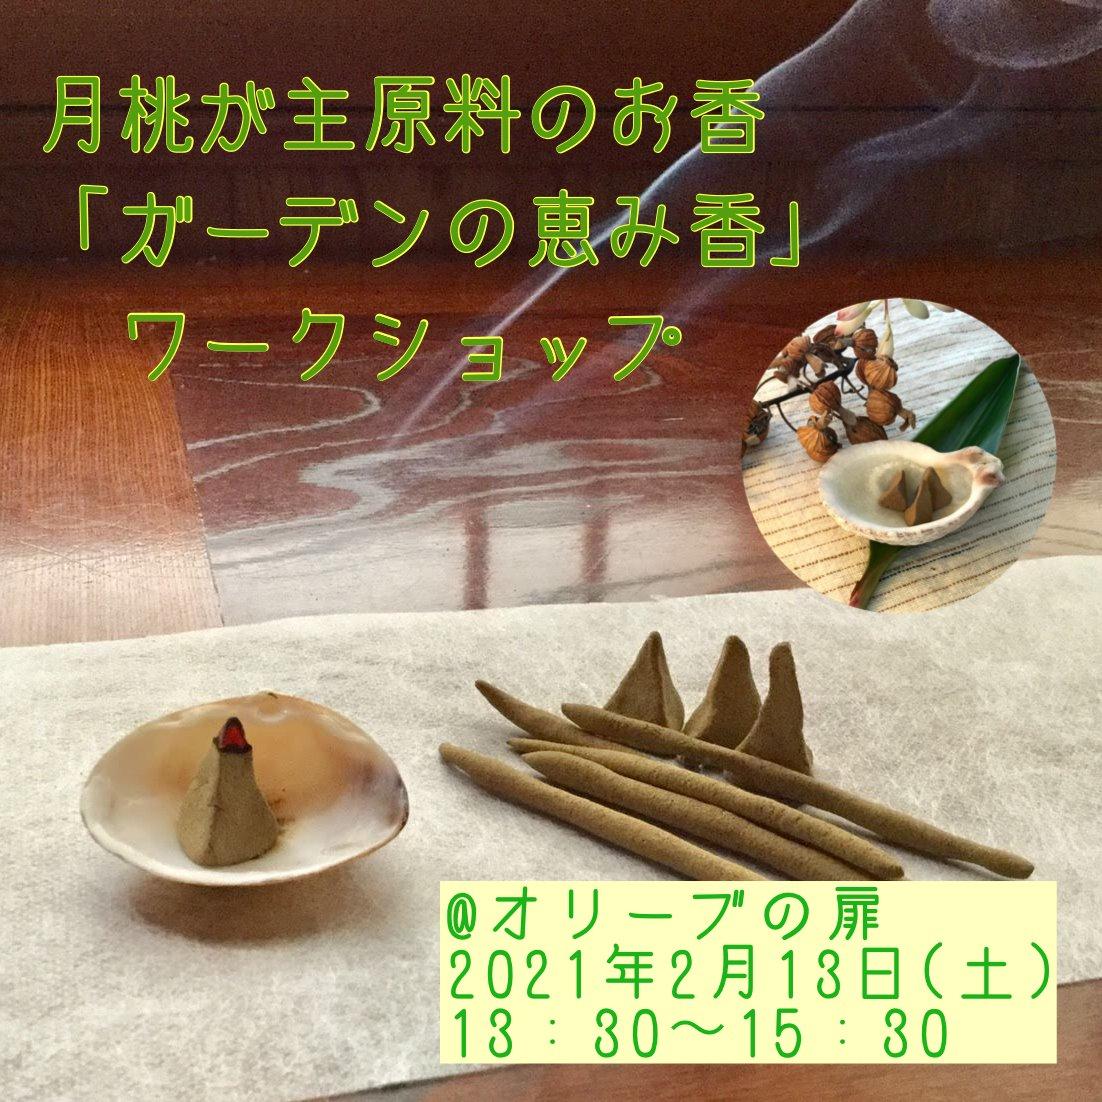 月桃が主原料のお香「ガーデンの恵み香」ワークショップ(2月13日開催)※現地払い専用のイメージその1